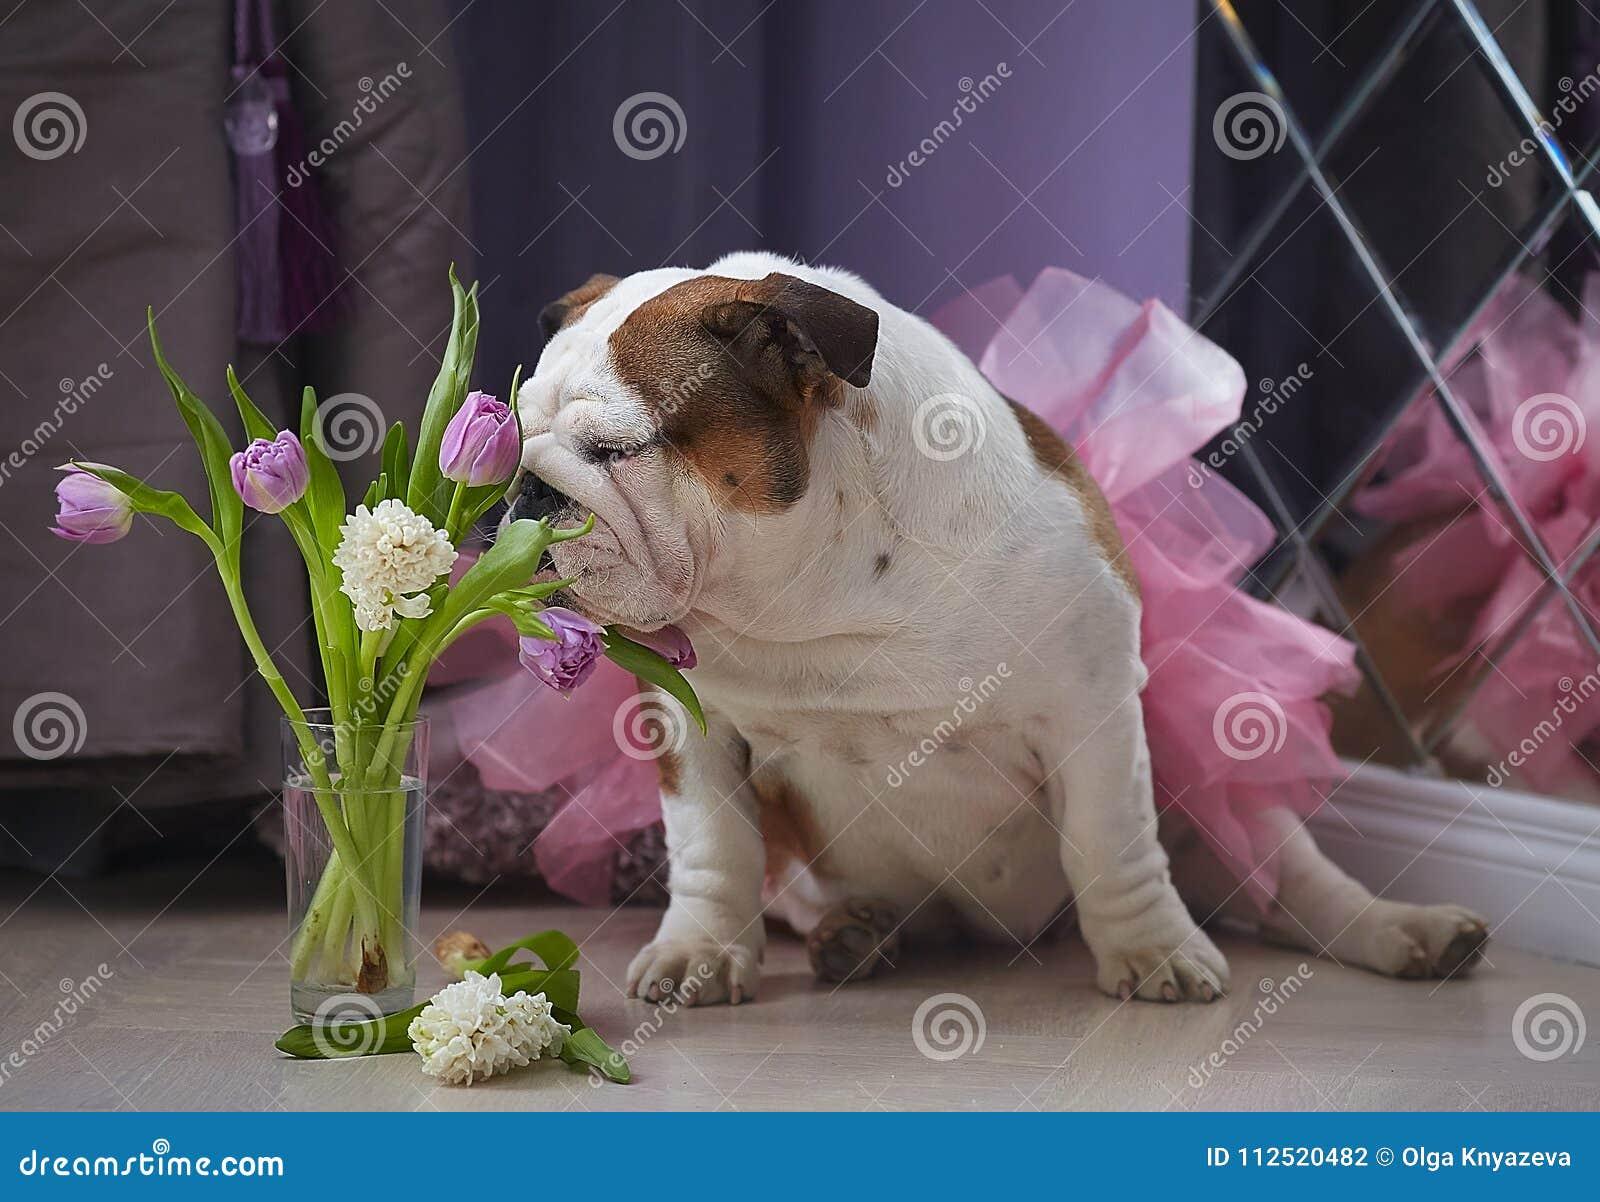 Dog English Bulldog Sniffing Flowers Stock Photo Image Of